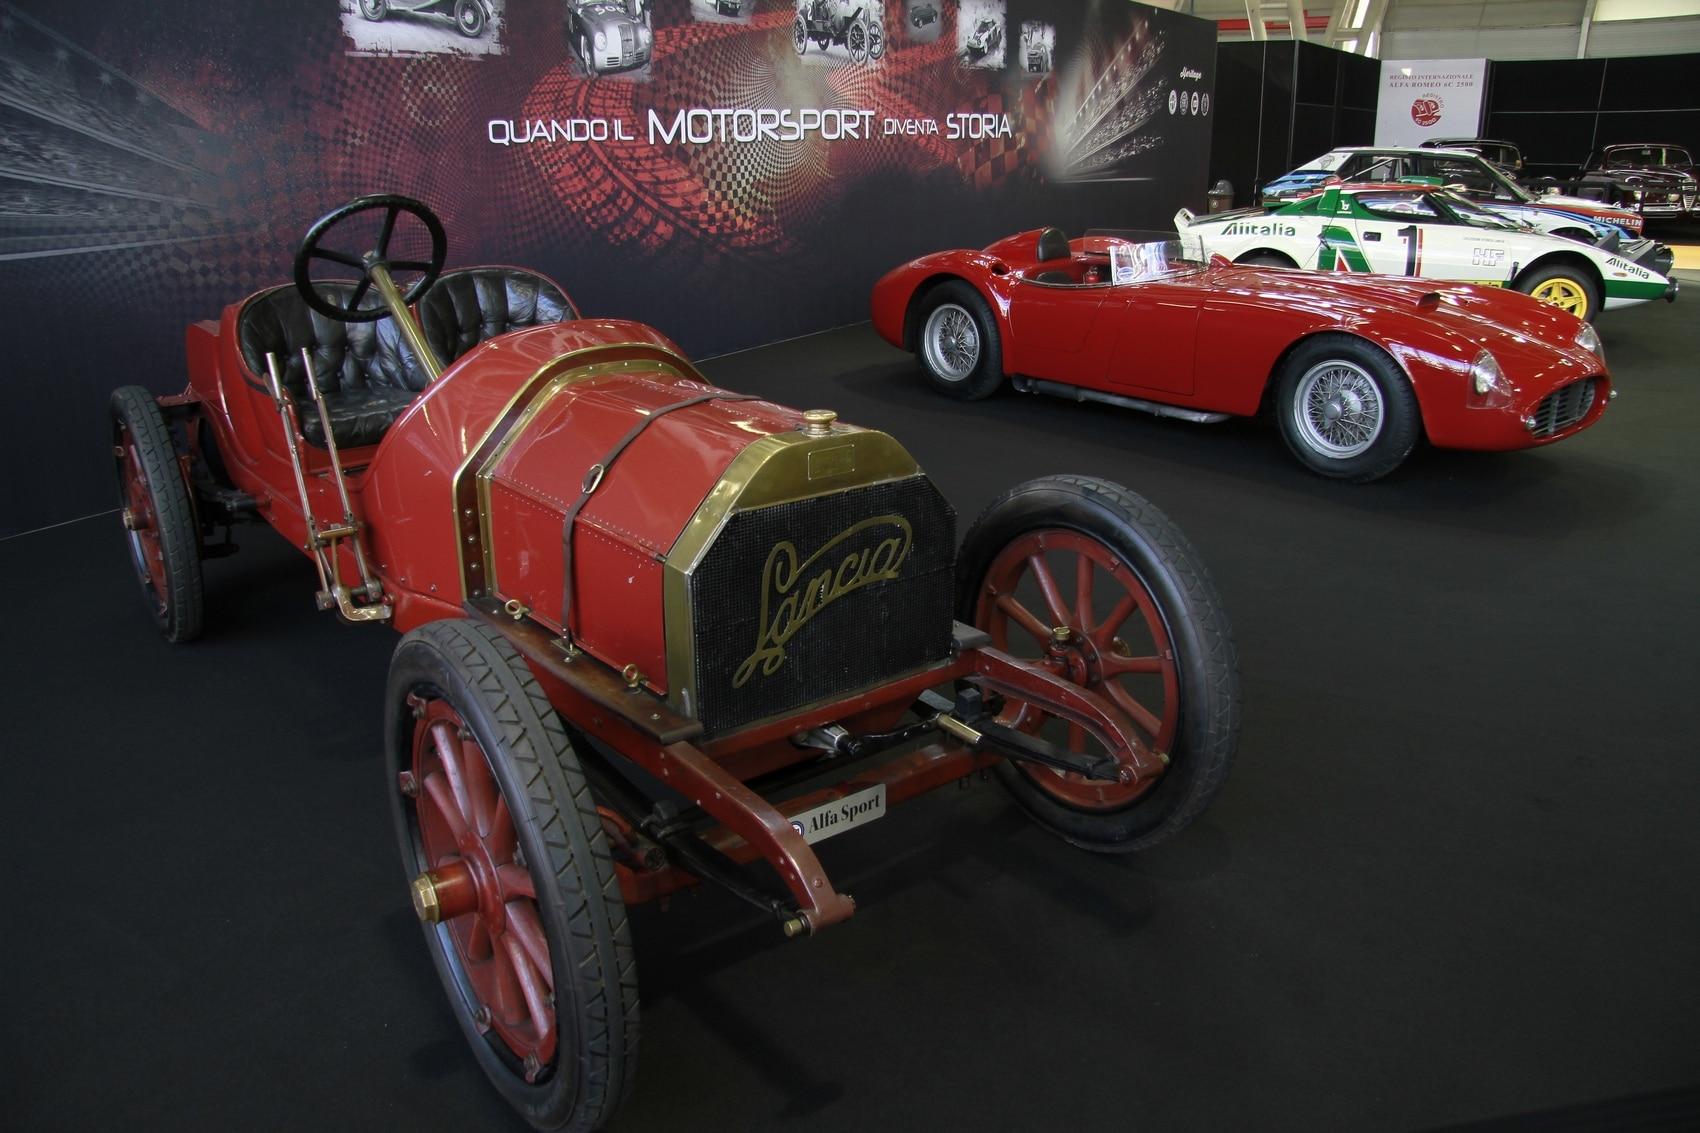 motorshow-2016-passione-classica-ruoteclassiche